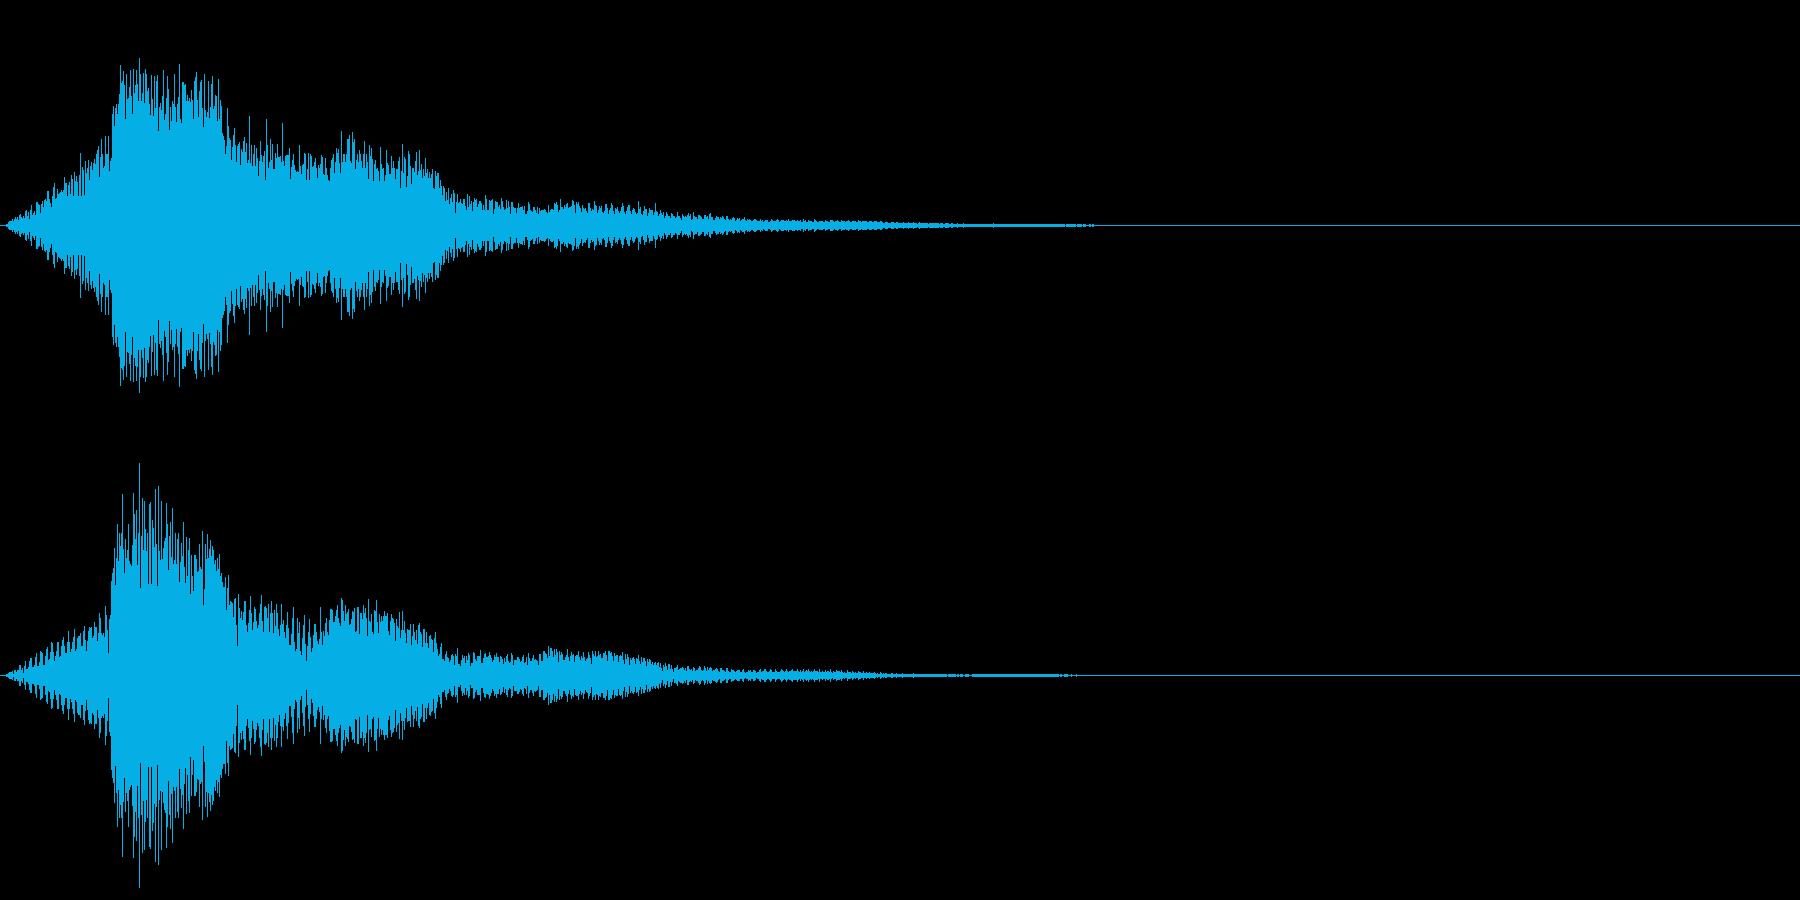 フワープァンプァン…(トピック、テーマ)の再生済みの波形